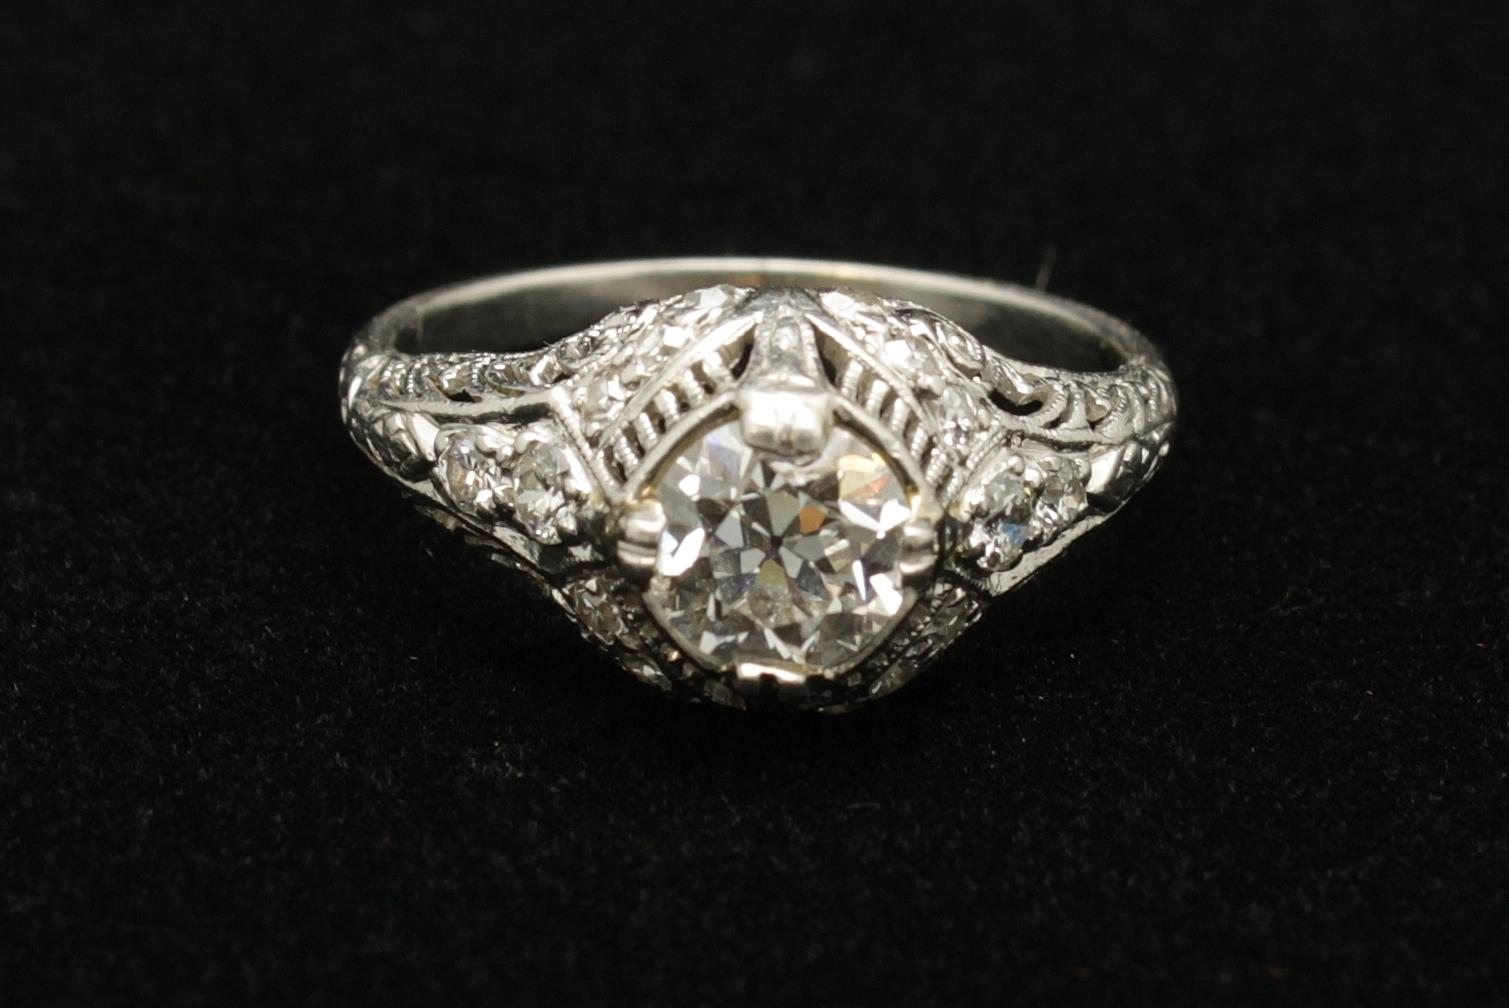 Antique Platinum Diamond Old European Cut 1.14 cts